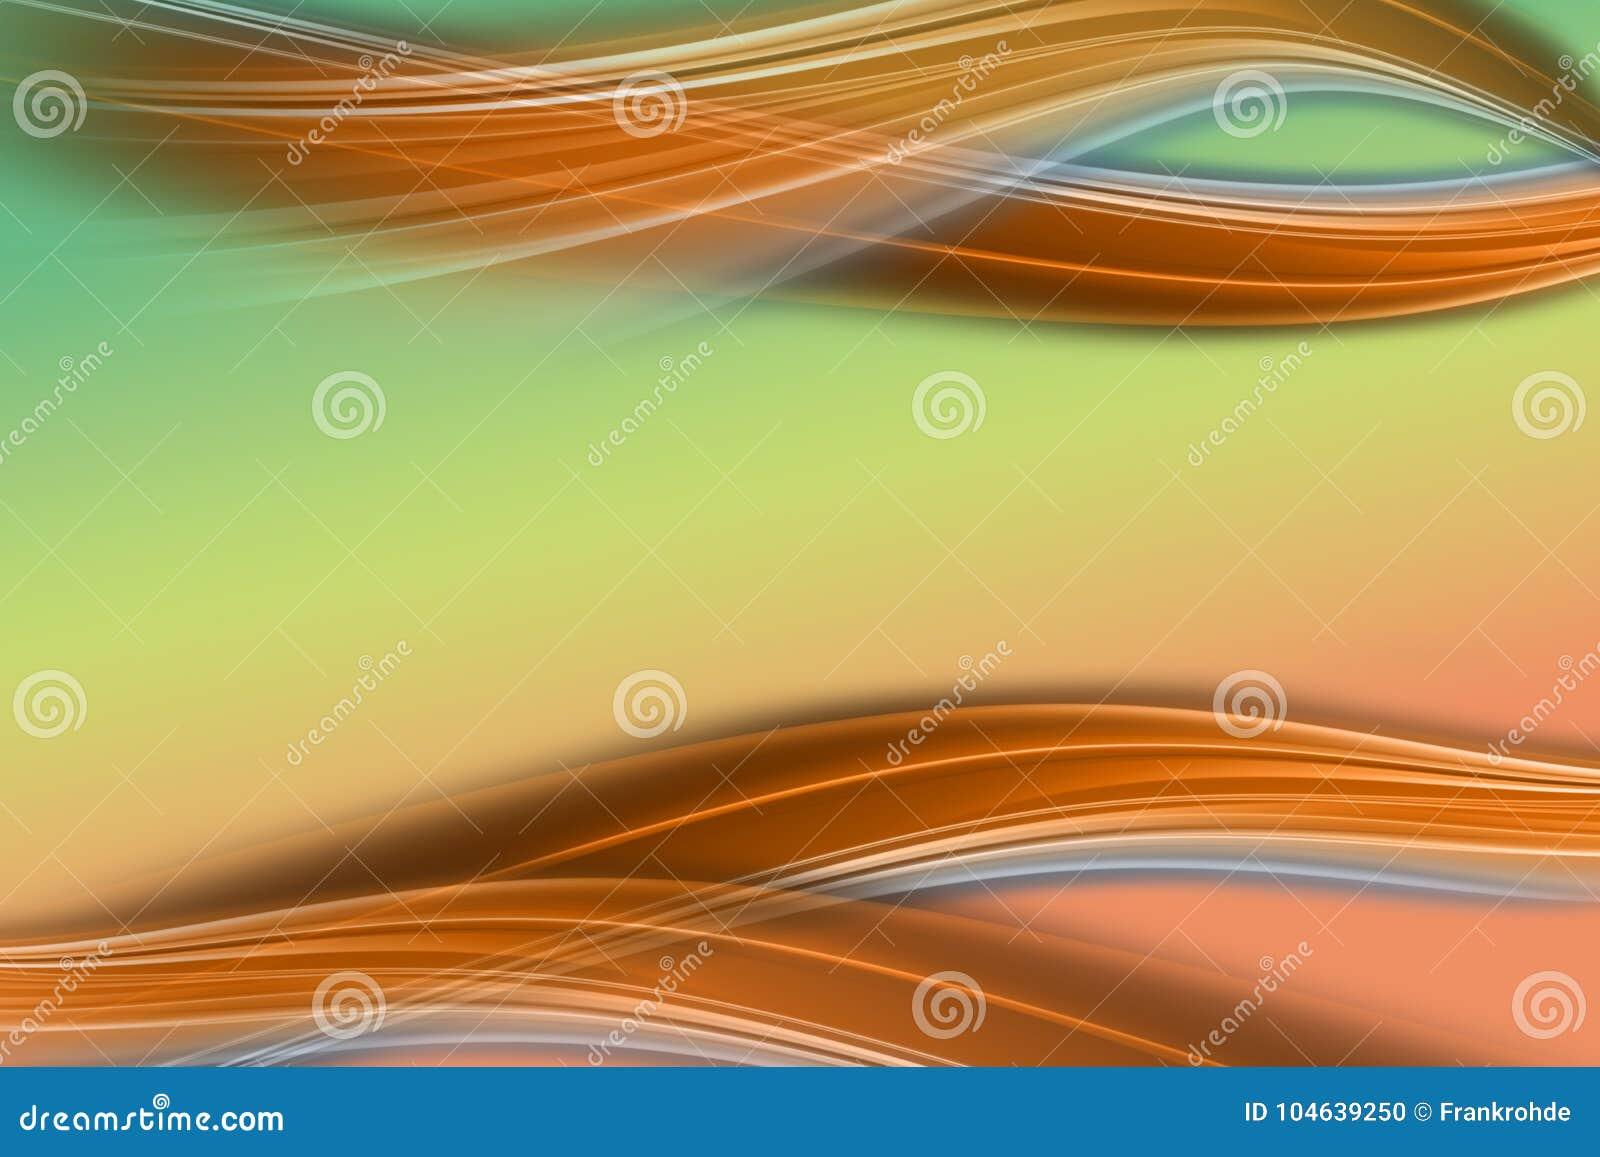 Download Abstract Elegant Ontwerp Als Achtergrond Stock Illustratie - Illustratie bestaande uit golf, artistiek: 104639250